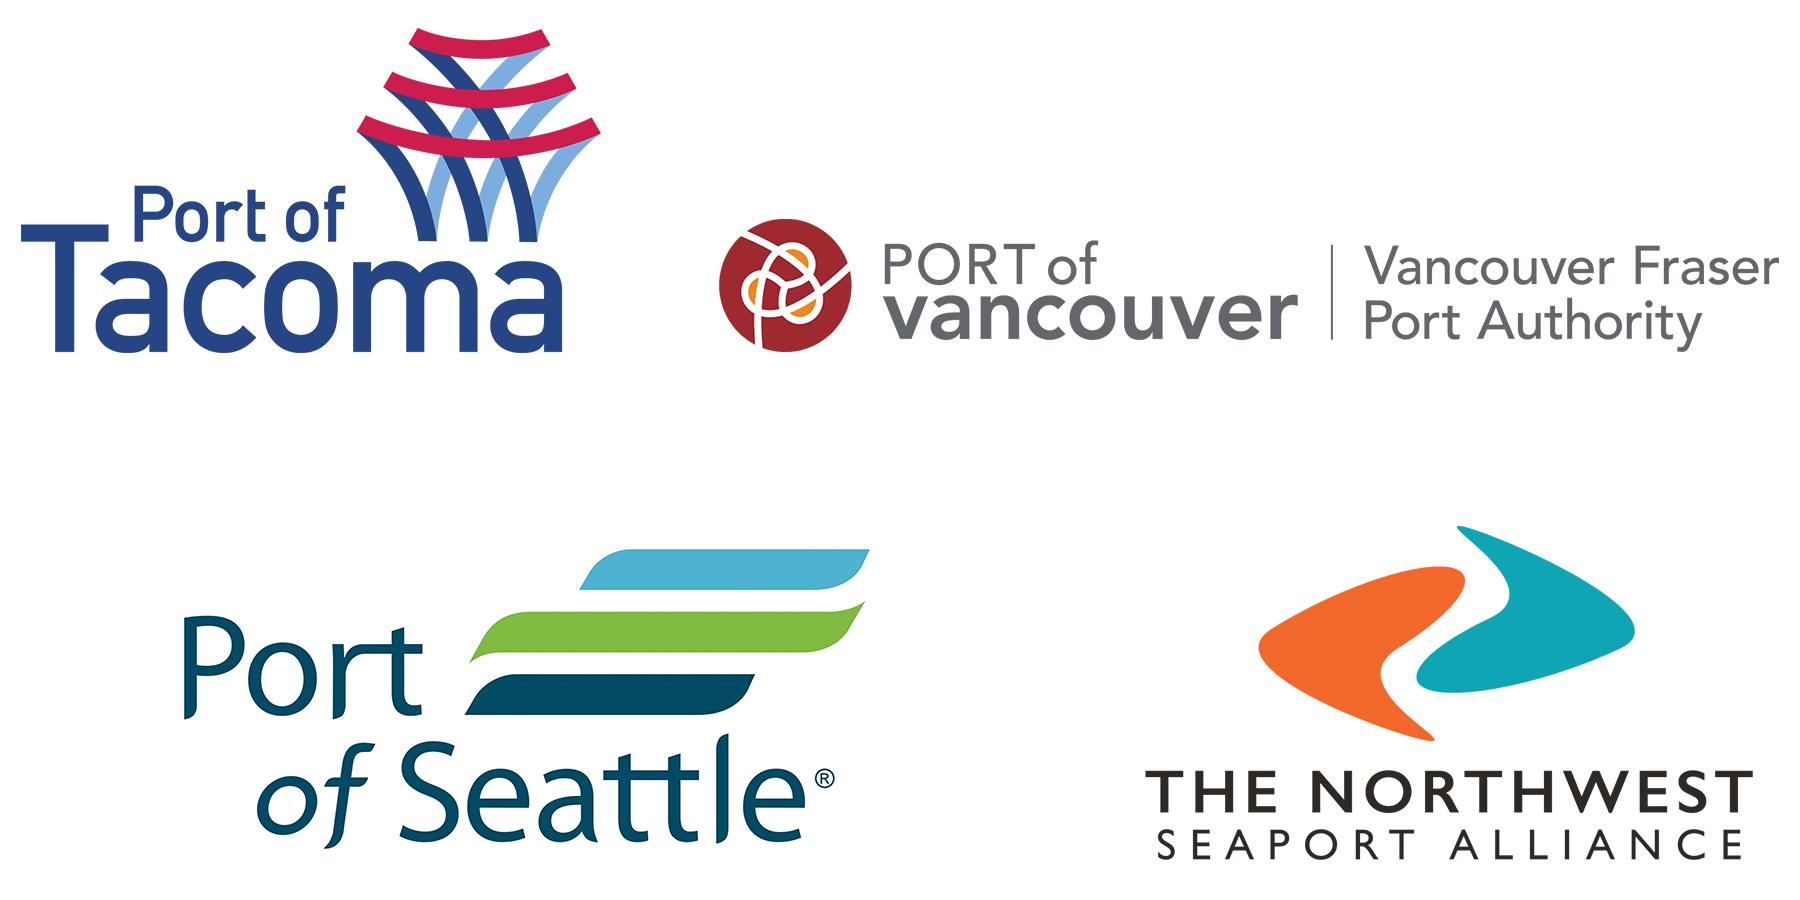 logos of four ports